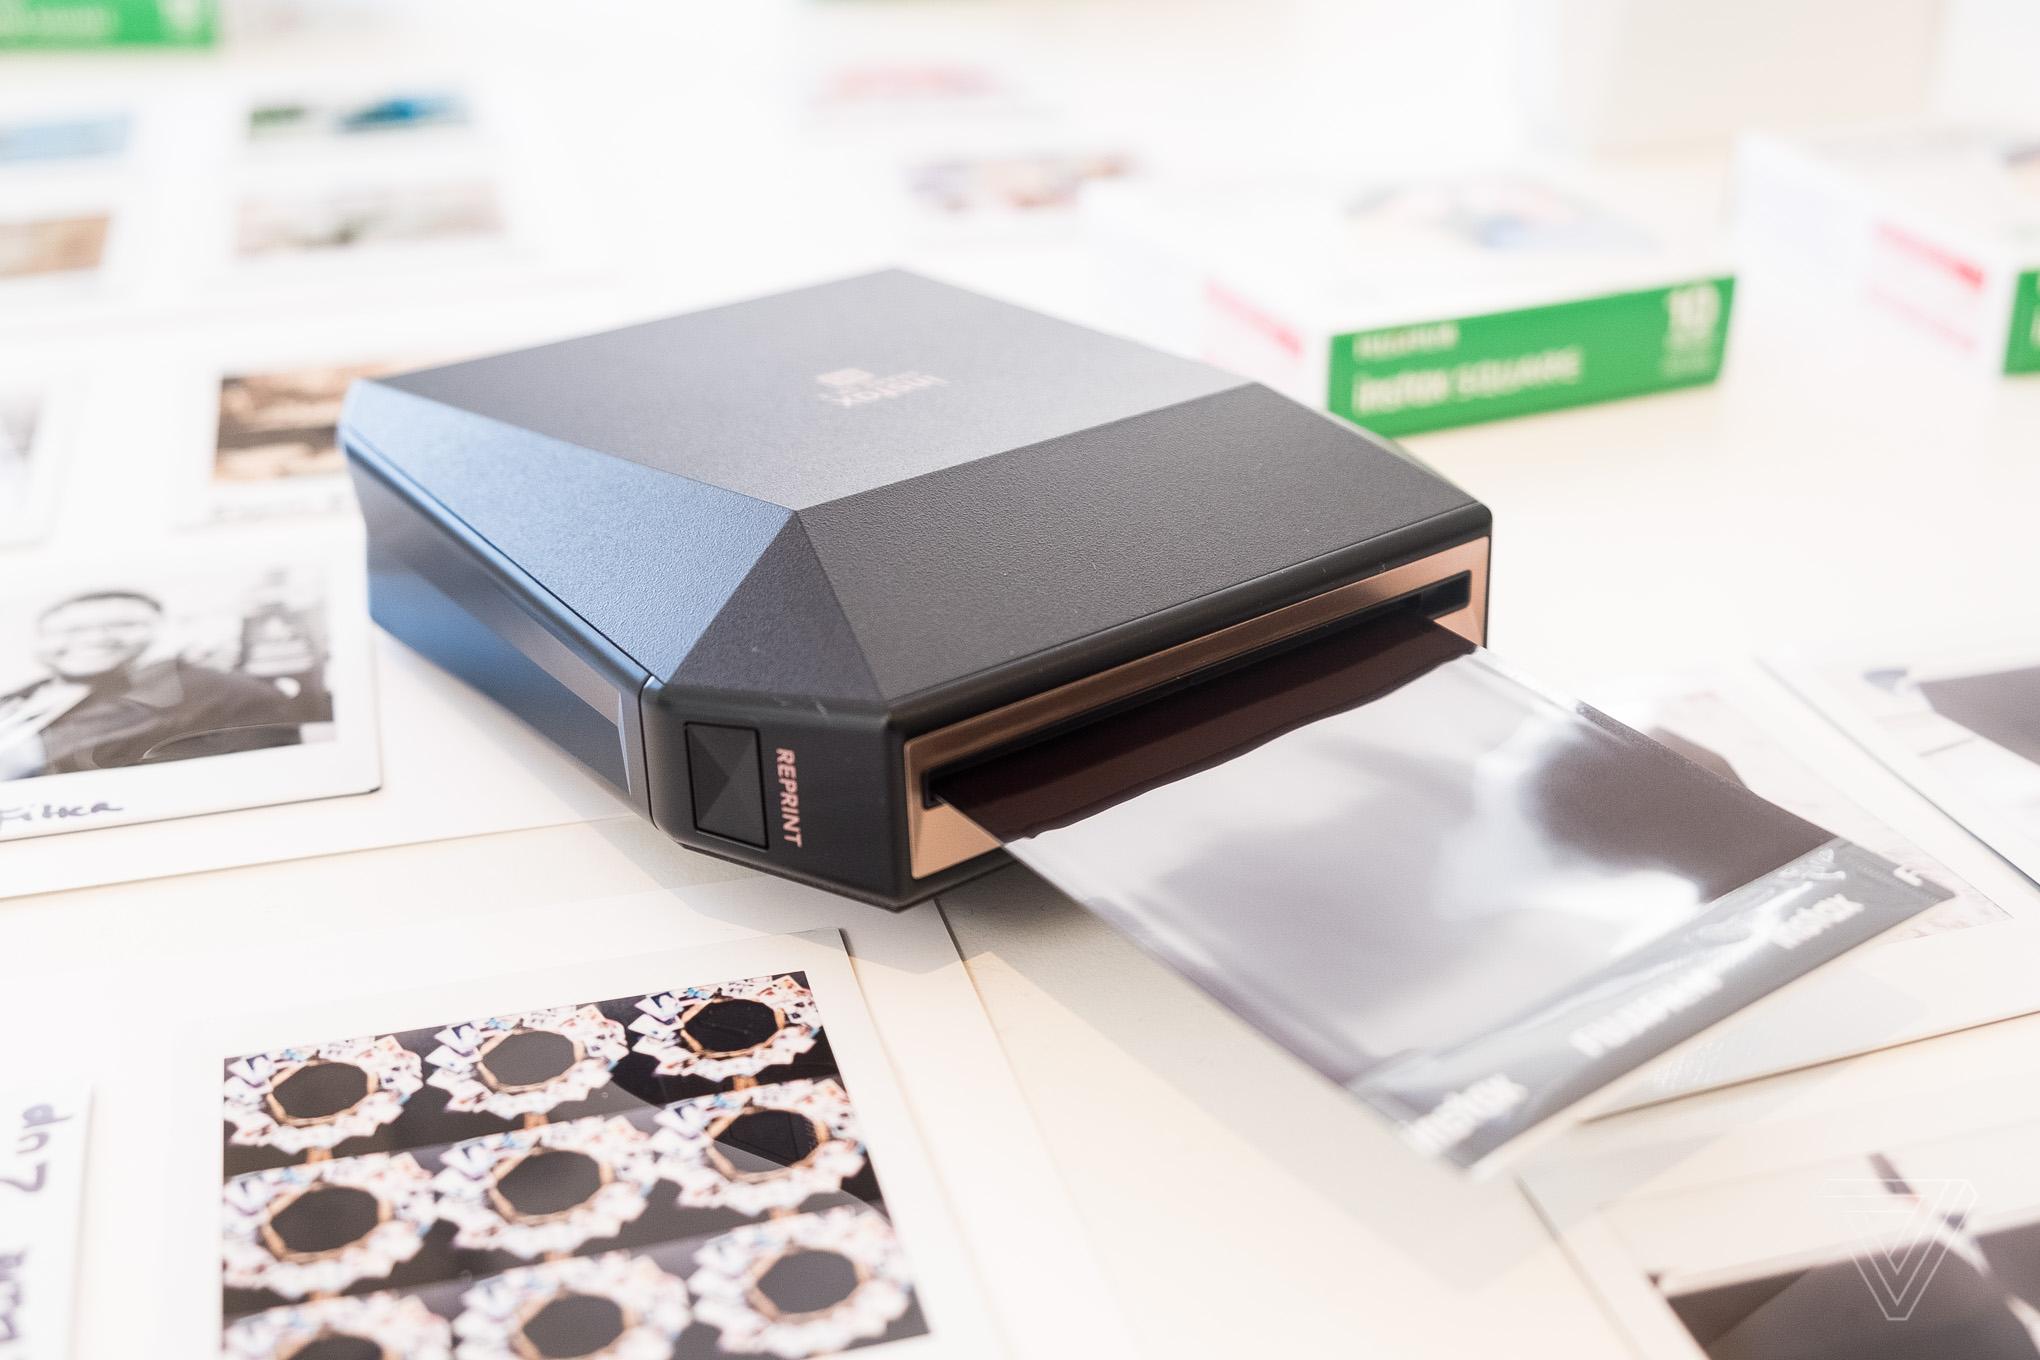 Fujifilm instax printer - Animal safari nj